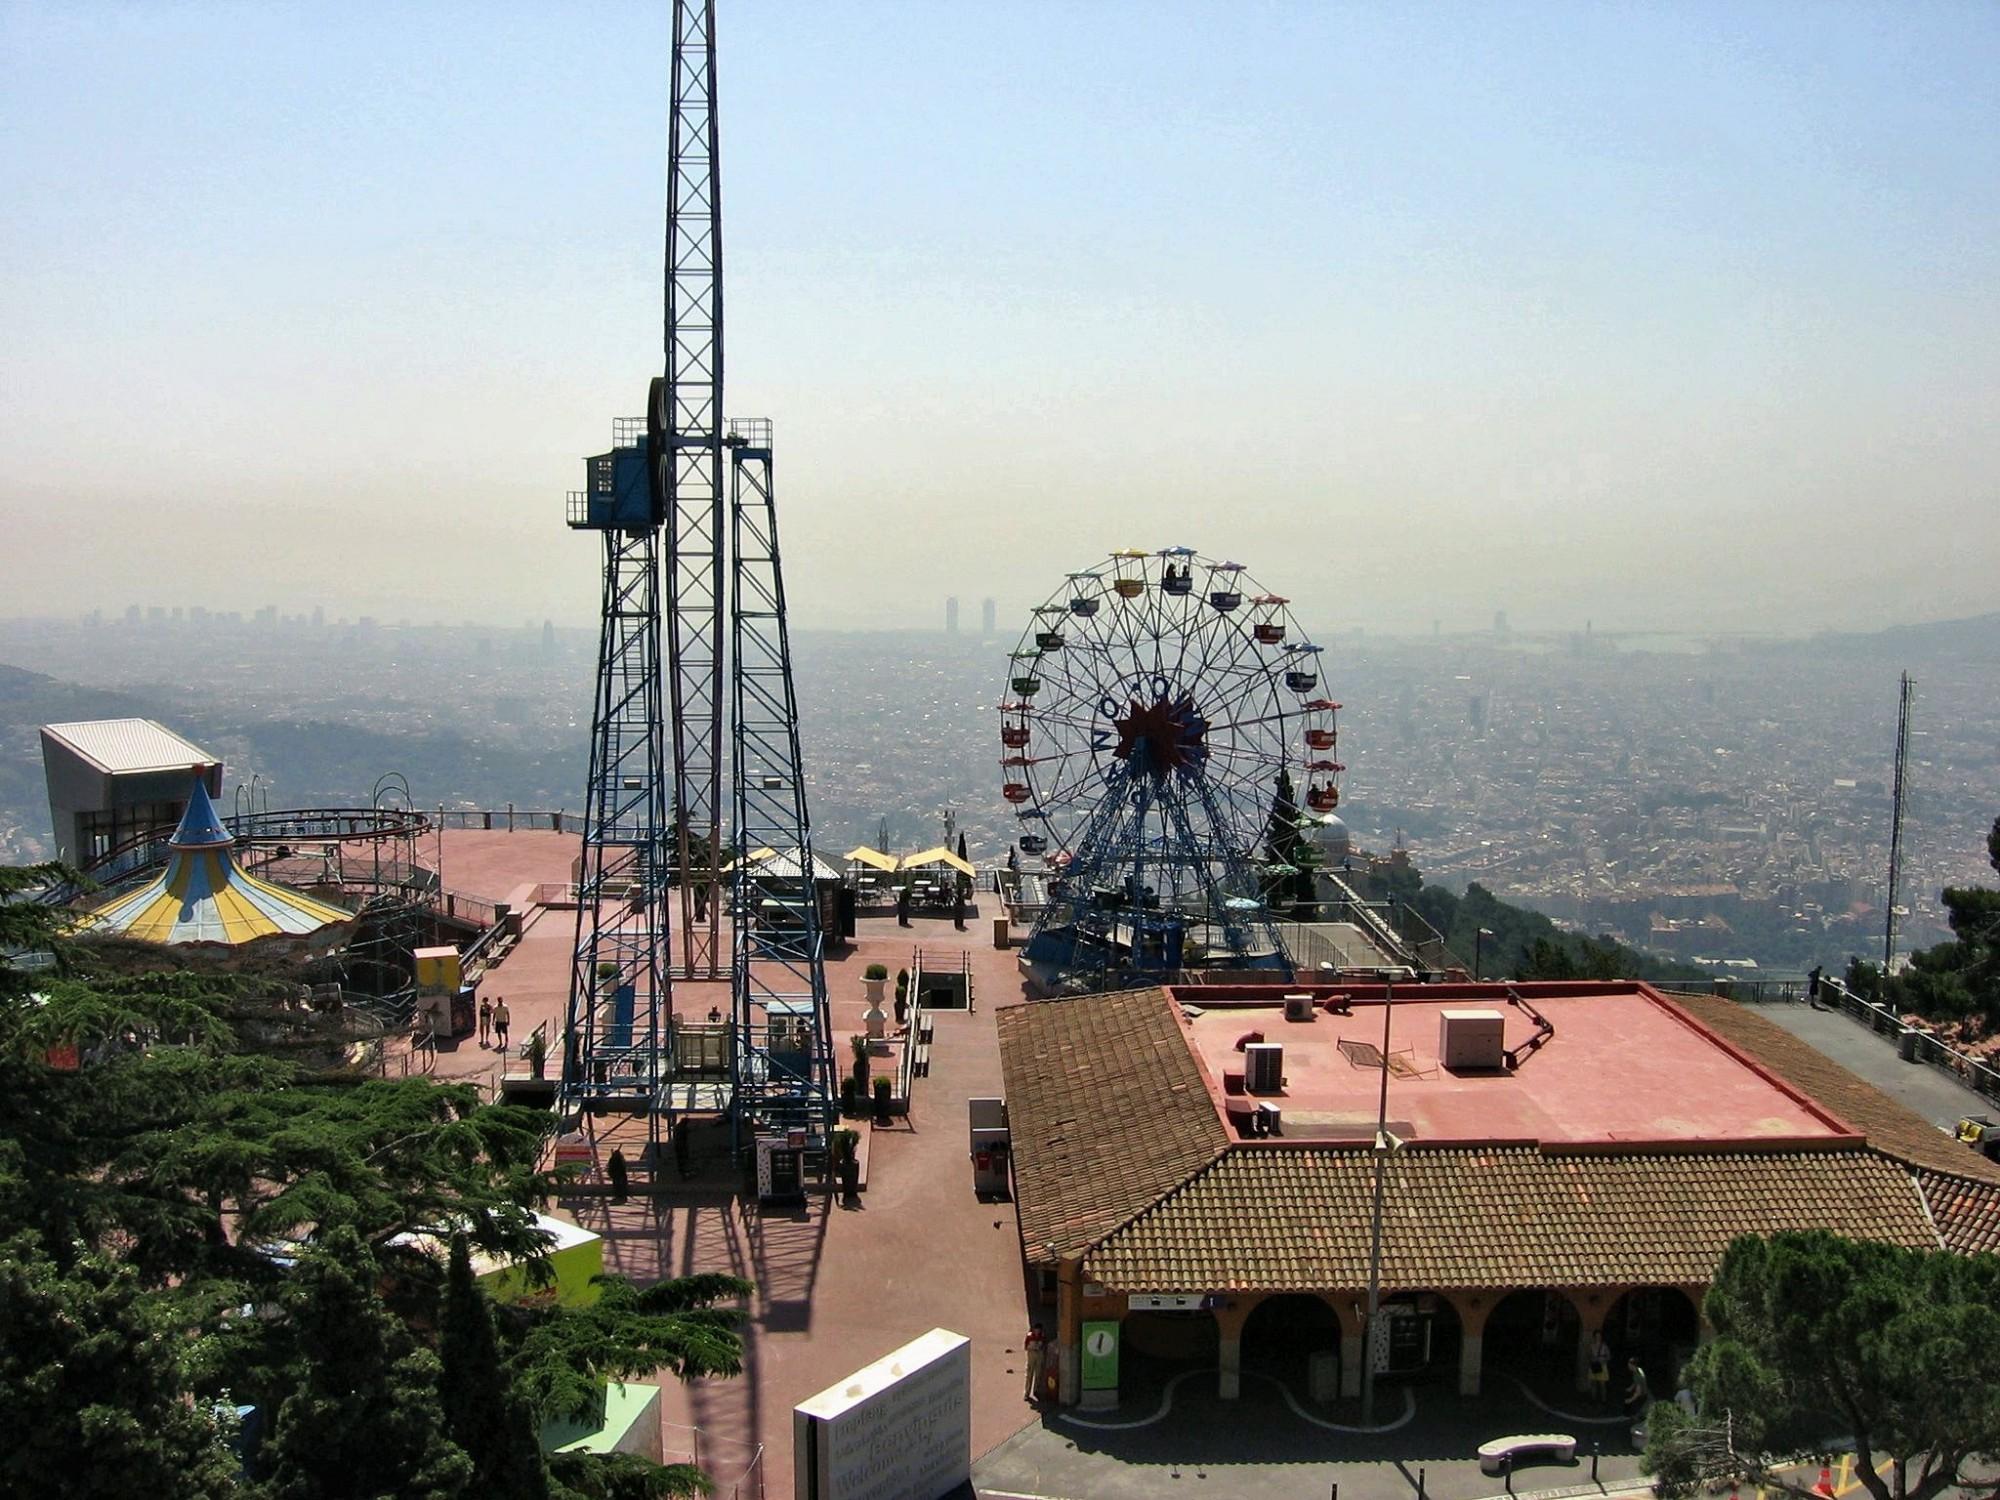 qué ver en Barcelona Parque de atracciones Tibidabo